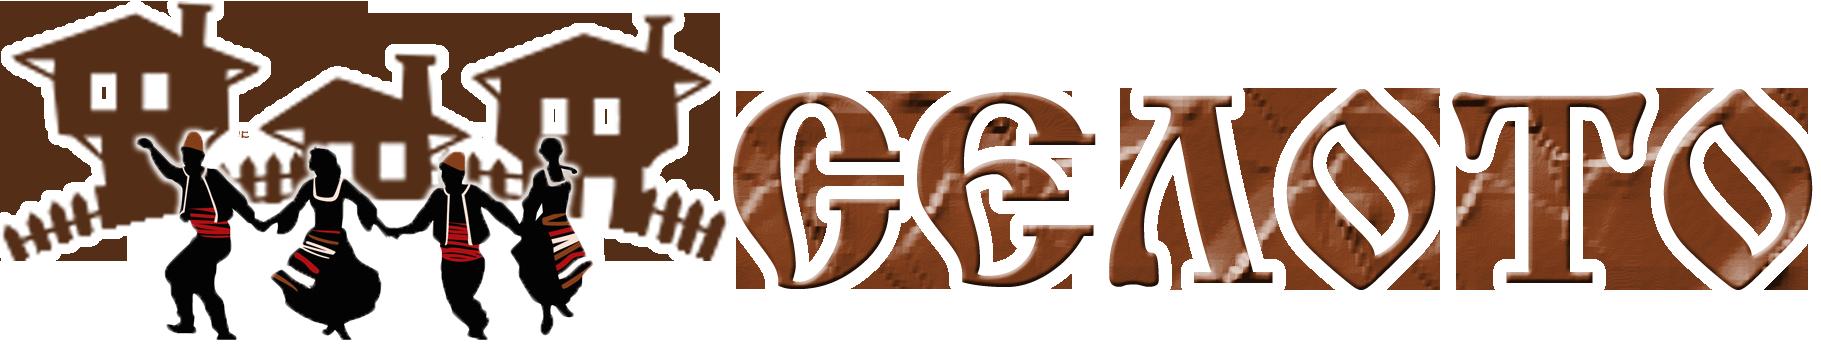 Селото Logo